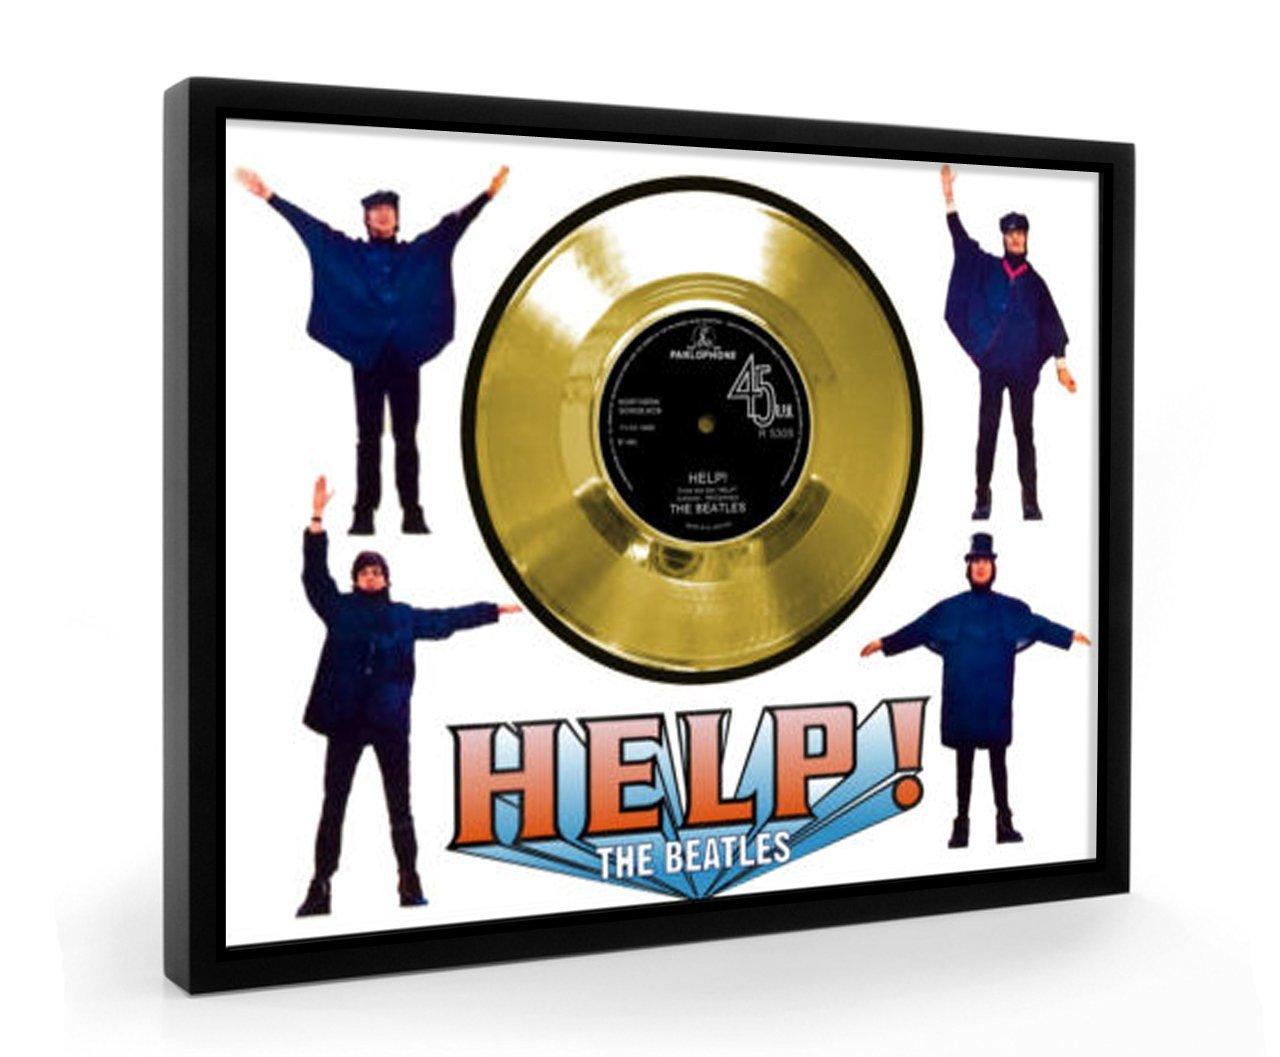 Beatles Help Framed Goldene Schallplatte Display Display Display Vinyl (C1) c51b4c